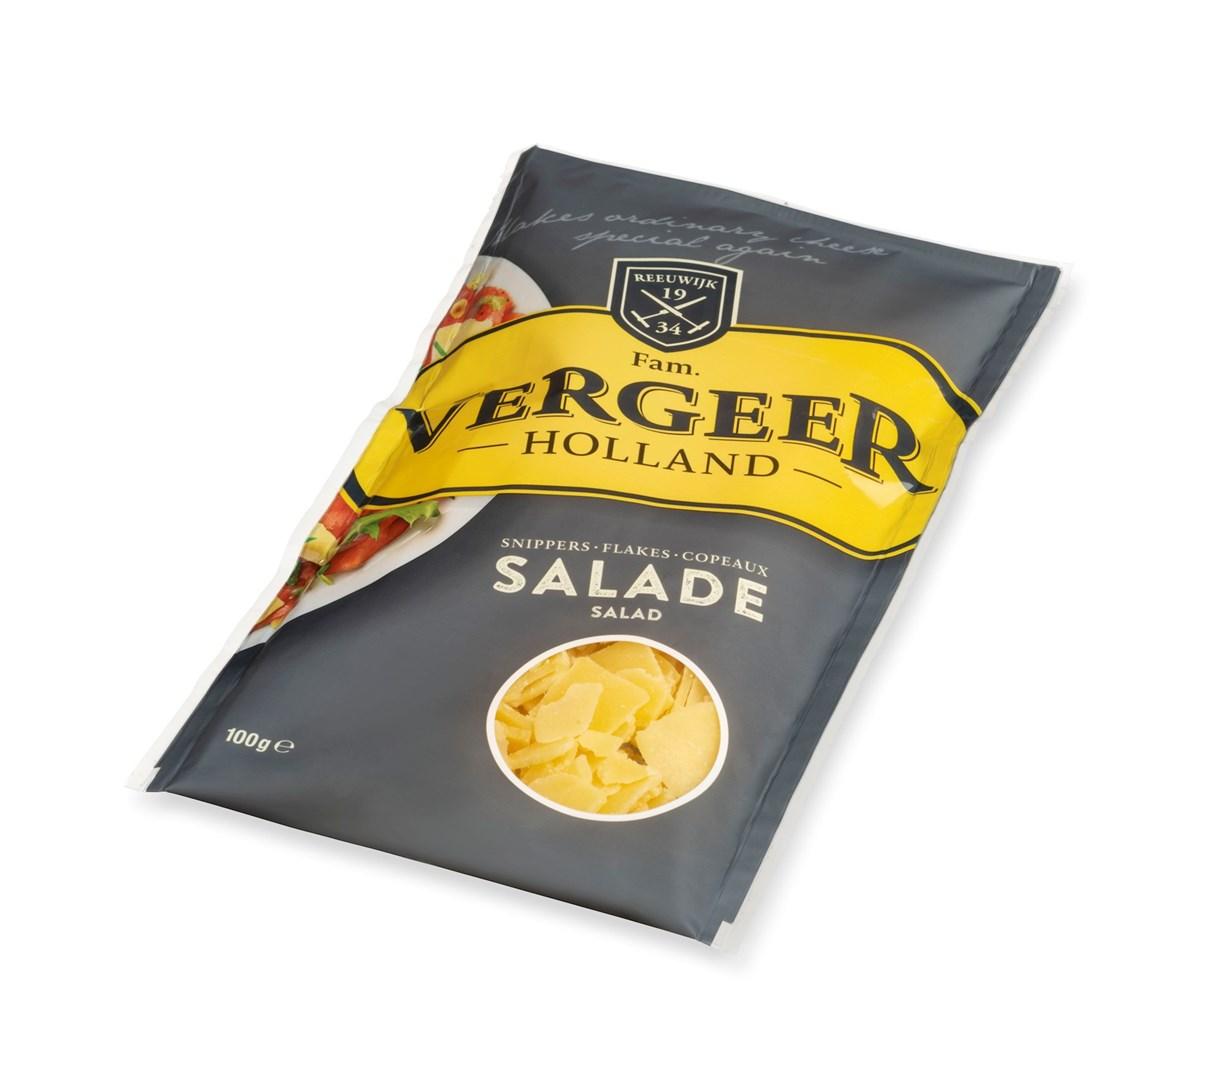 Productafbeelding Vergeer Salade 10 x 100g